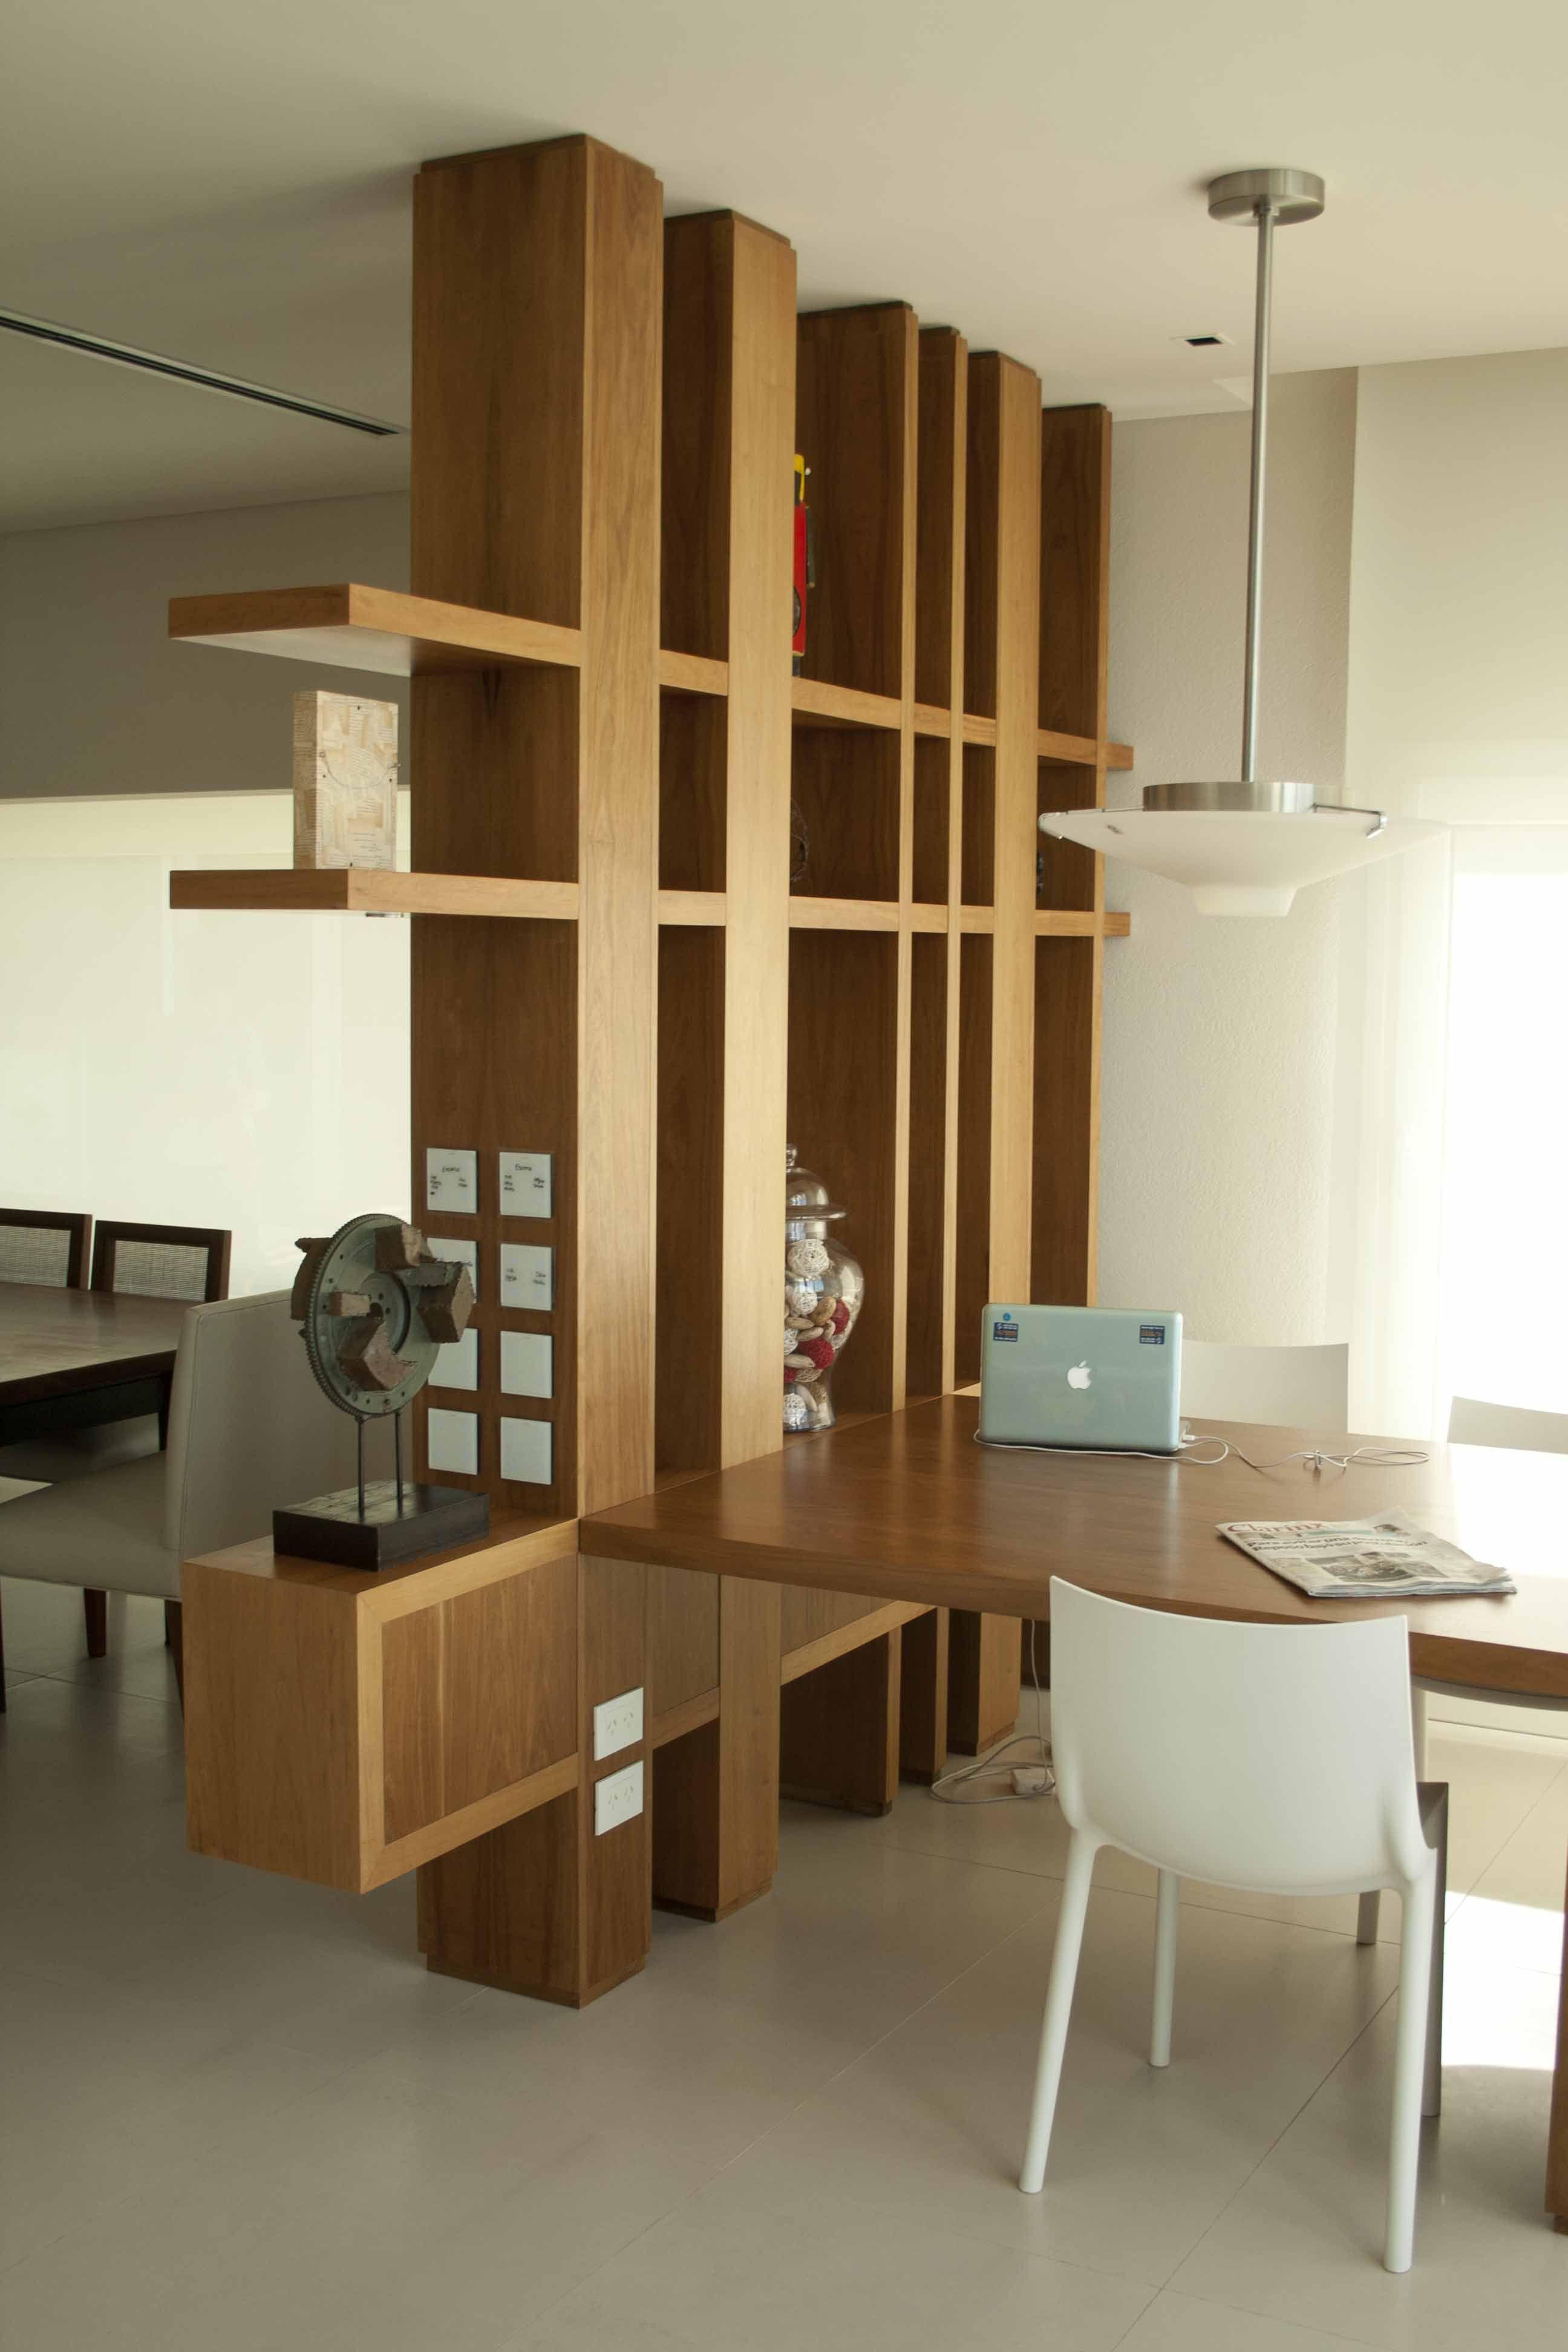 Casa Cubo Separador De Lapacho Barrionuevo Sierchuk Arquitectas  # Muebles Separadores Para Monoambientes